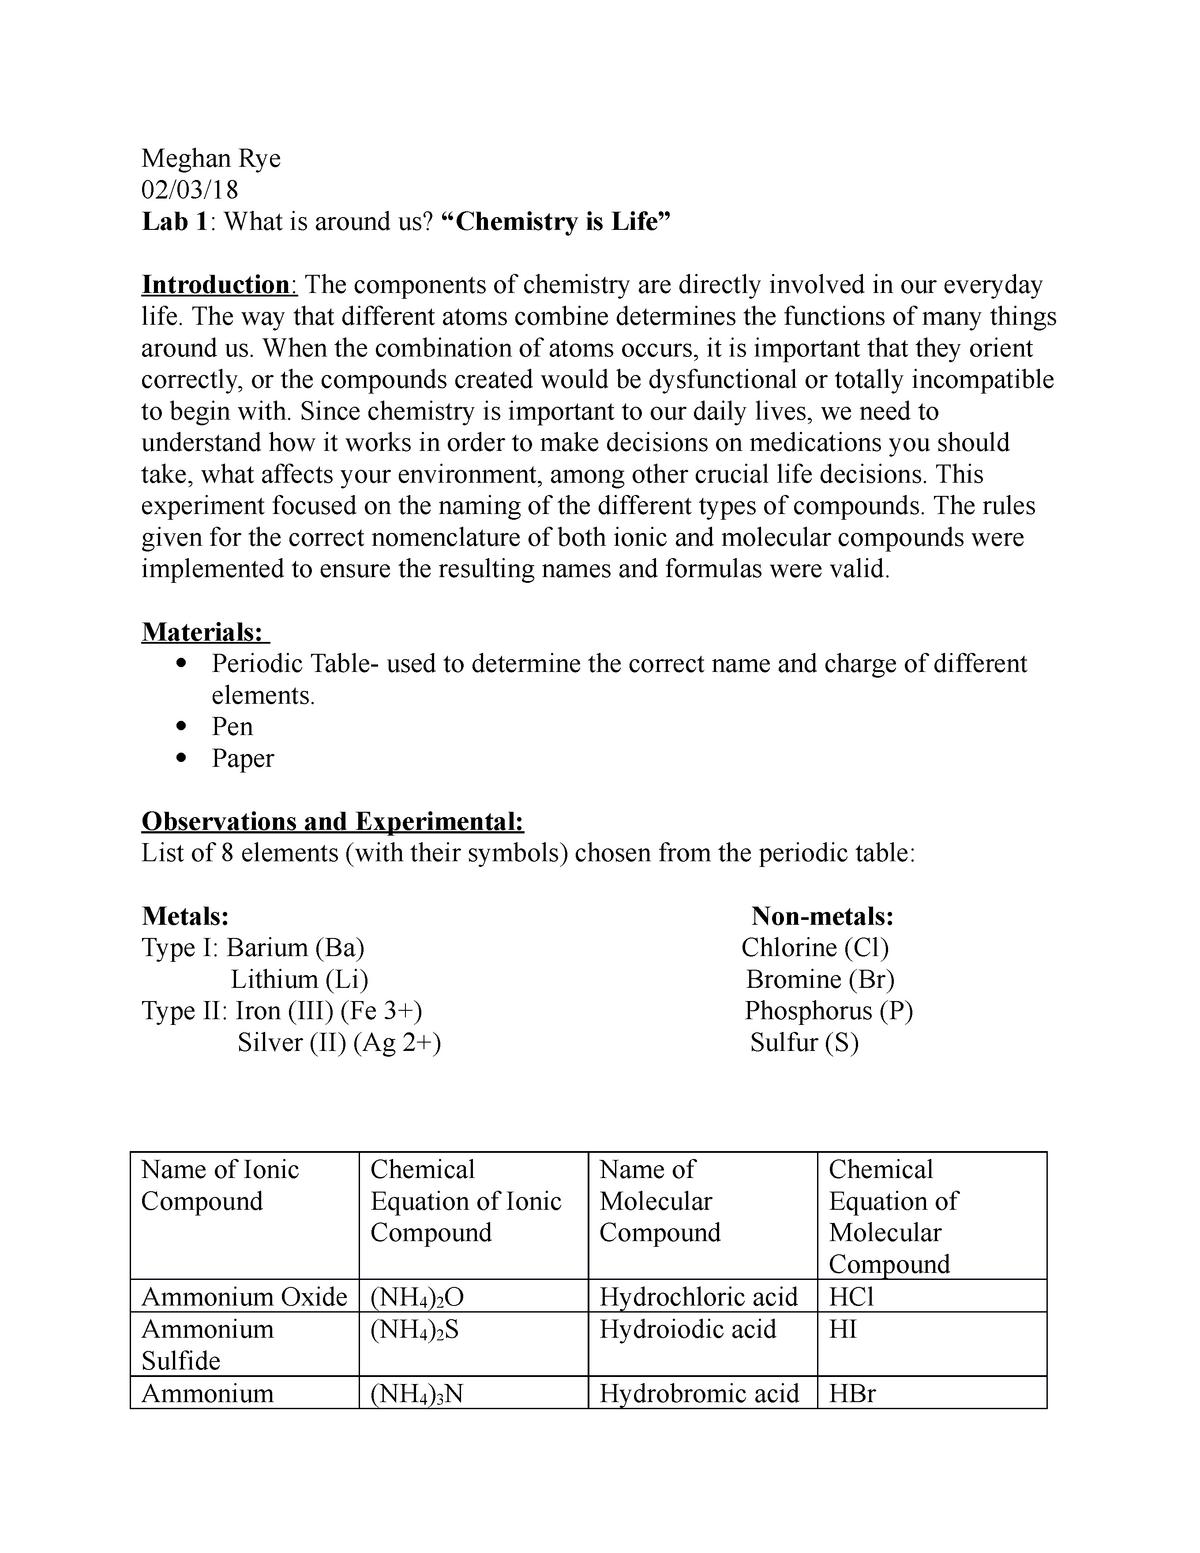 Chem Lab report 1 - Chem lab 1 - CHEM 106 - Hunter College